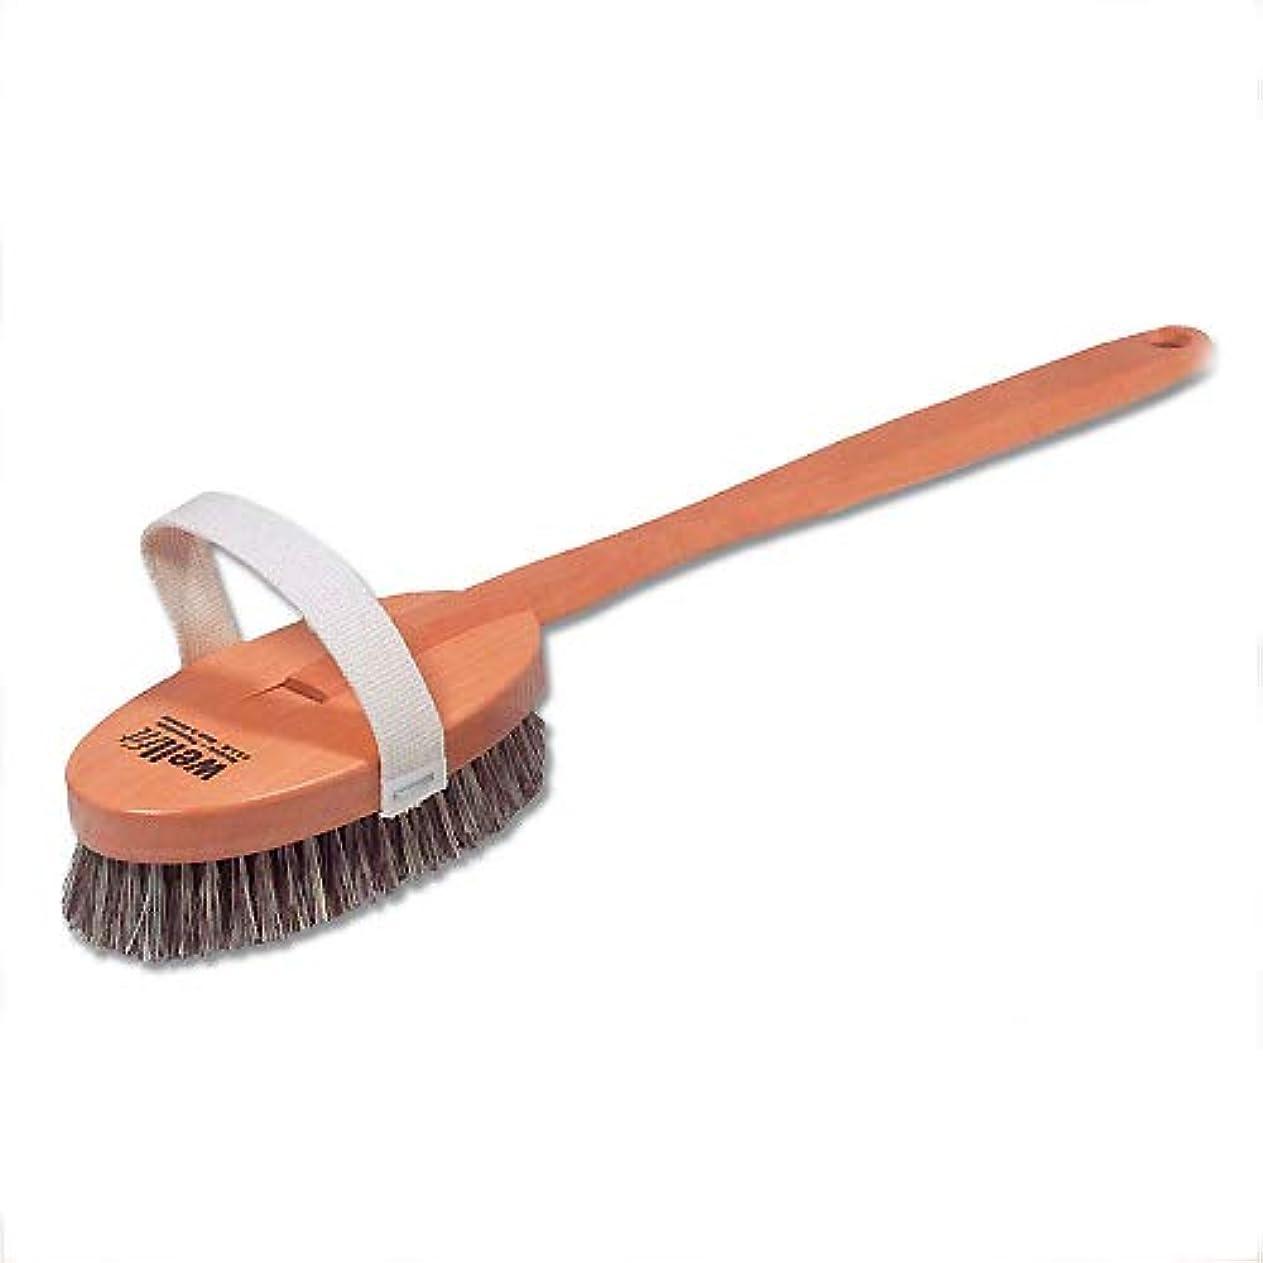 アーカイブペンス弾薬Redecker レデッカー ボディブラシ(ミディアムハード 馬毛と植物毛の混毛植毛) 正規品